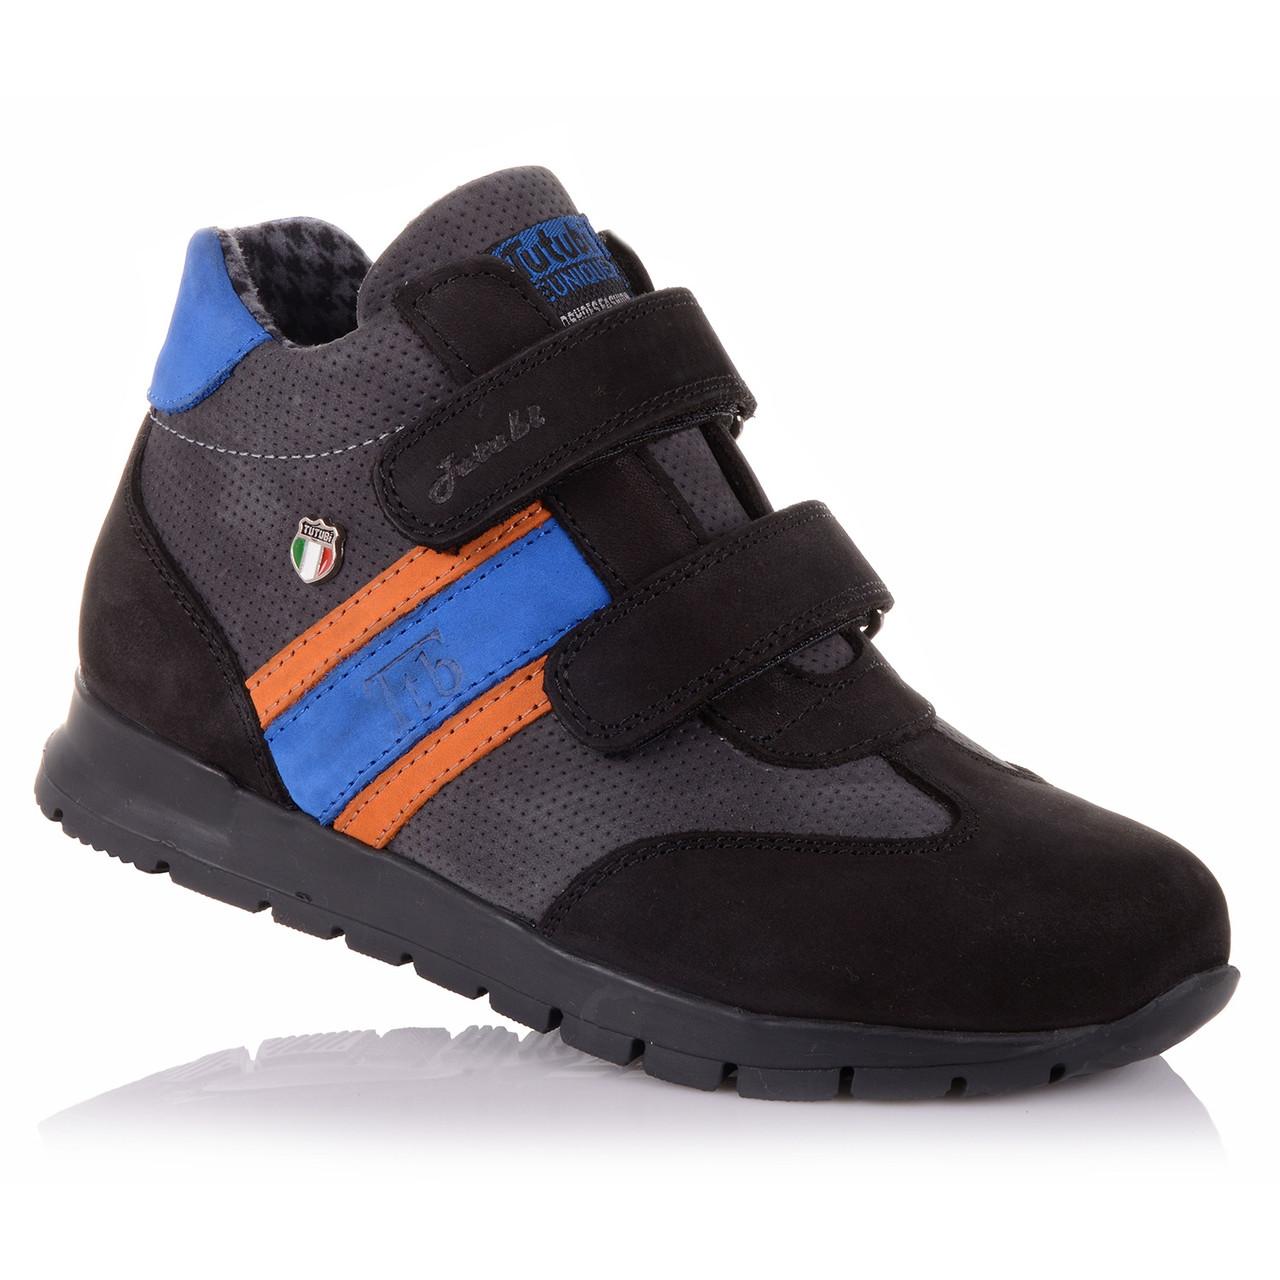 db51de6c4 Демисезонные ботинки для мальчиков Tutubi 11.3.276 (26-40) - Интернет-